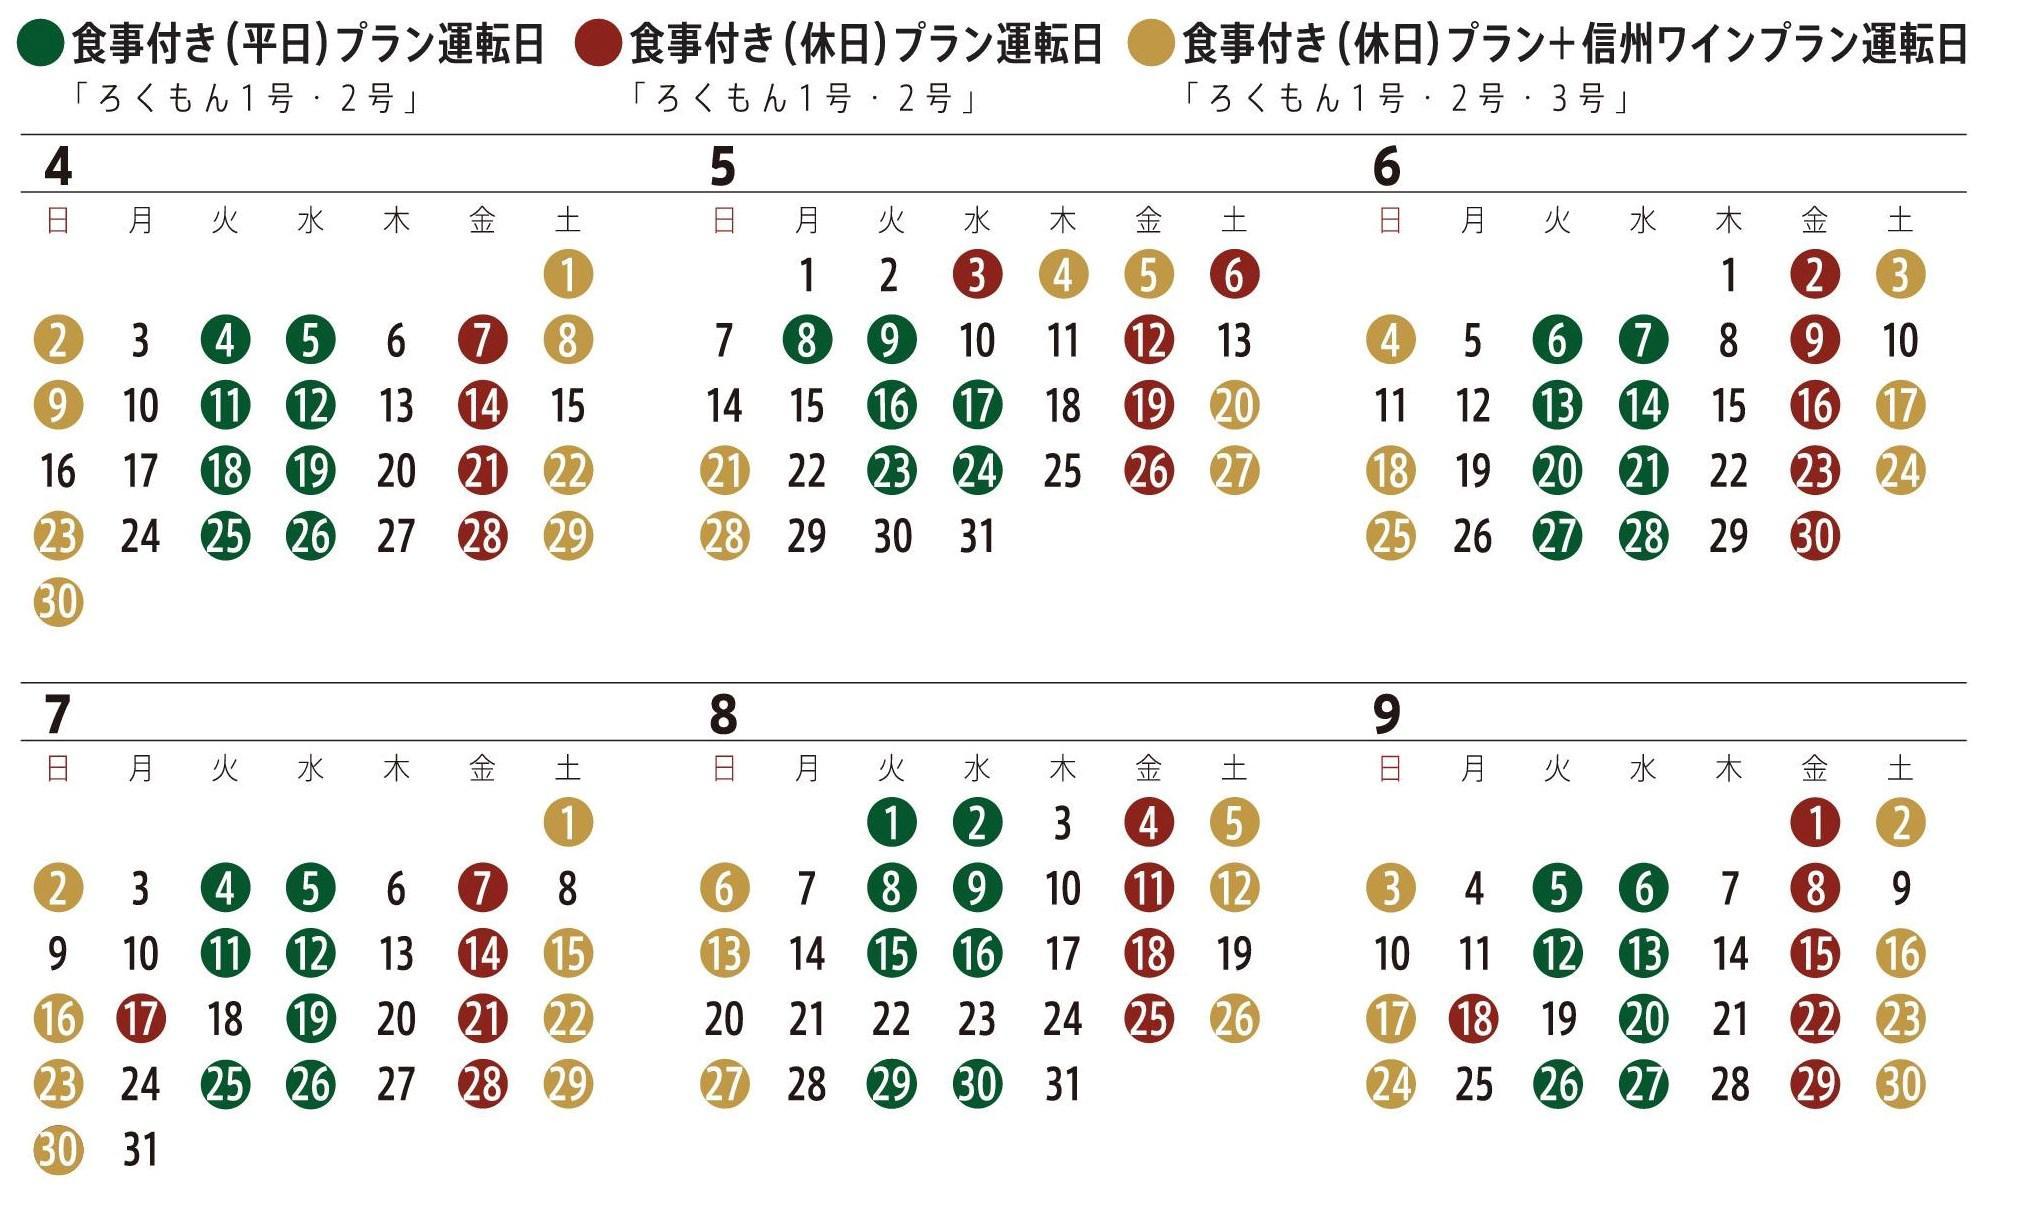 20170127_rokumon_H29_schedule_5.jpg